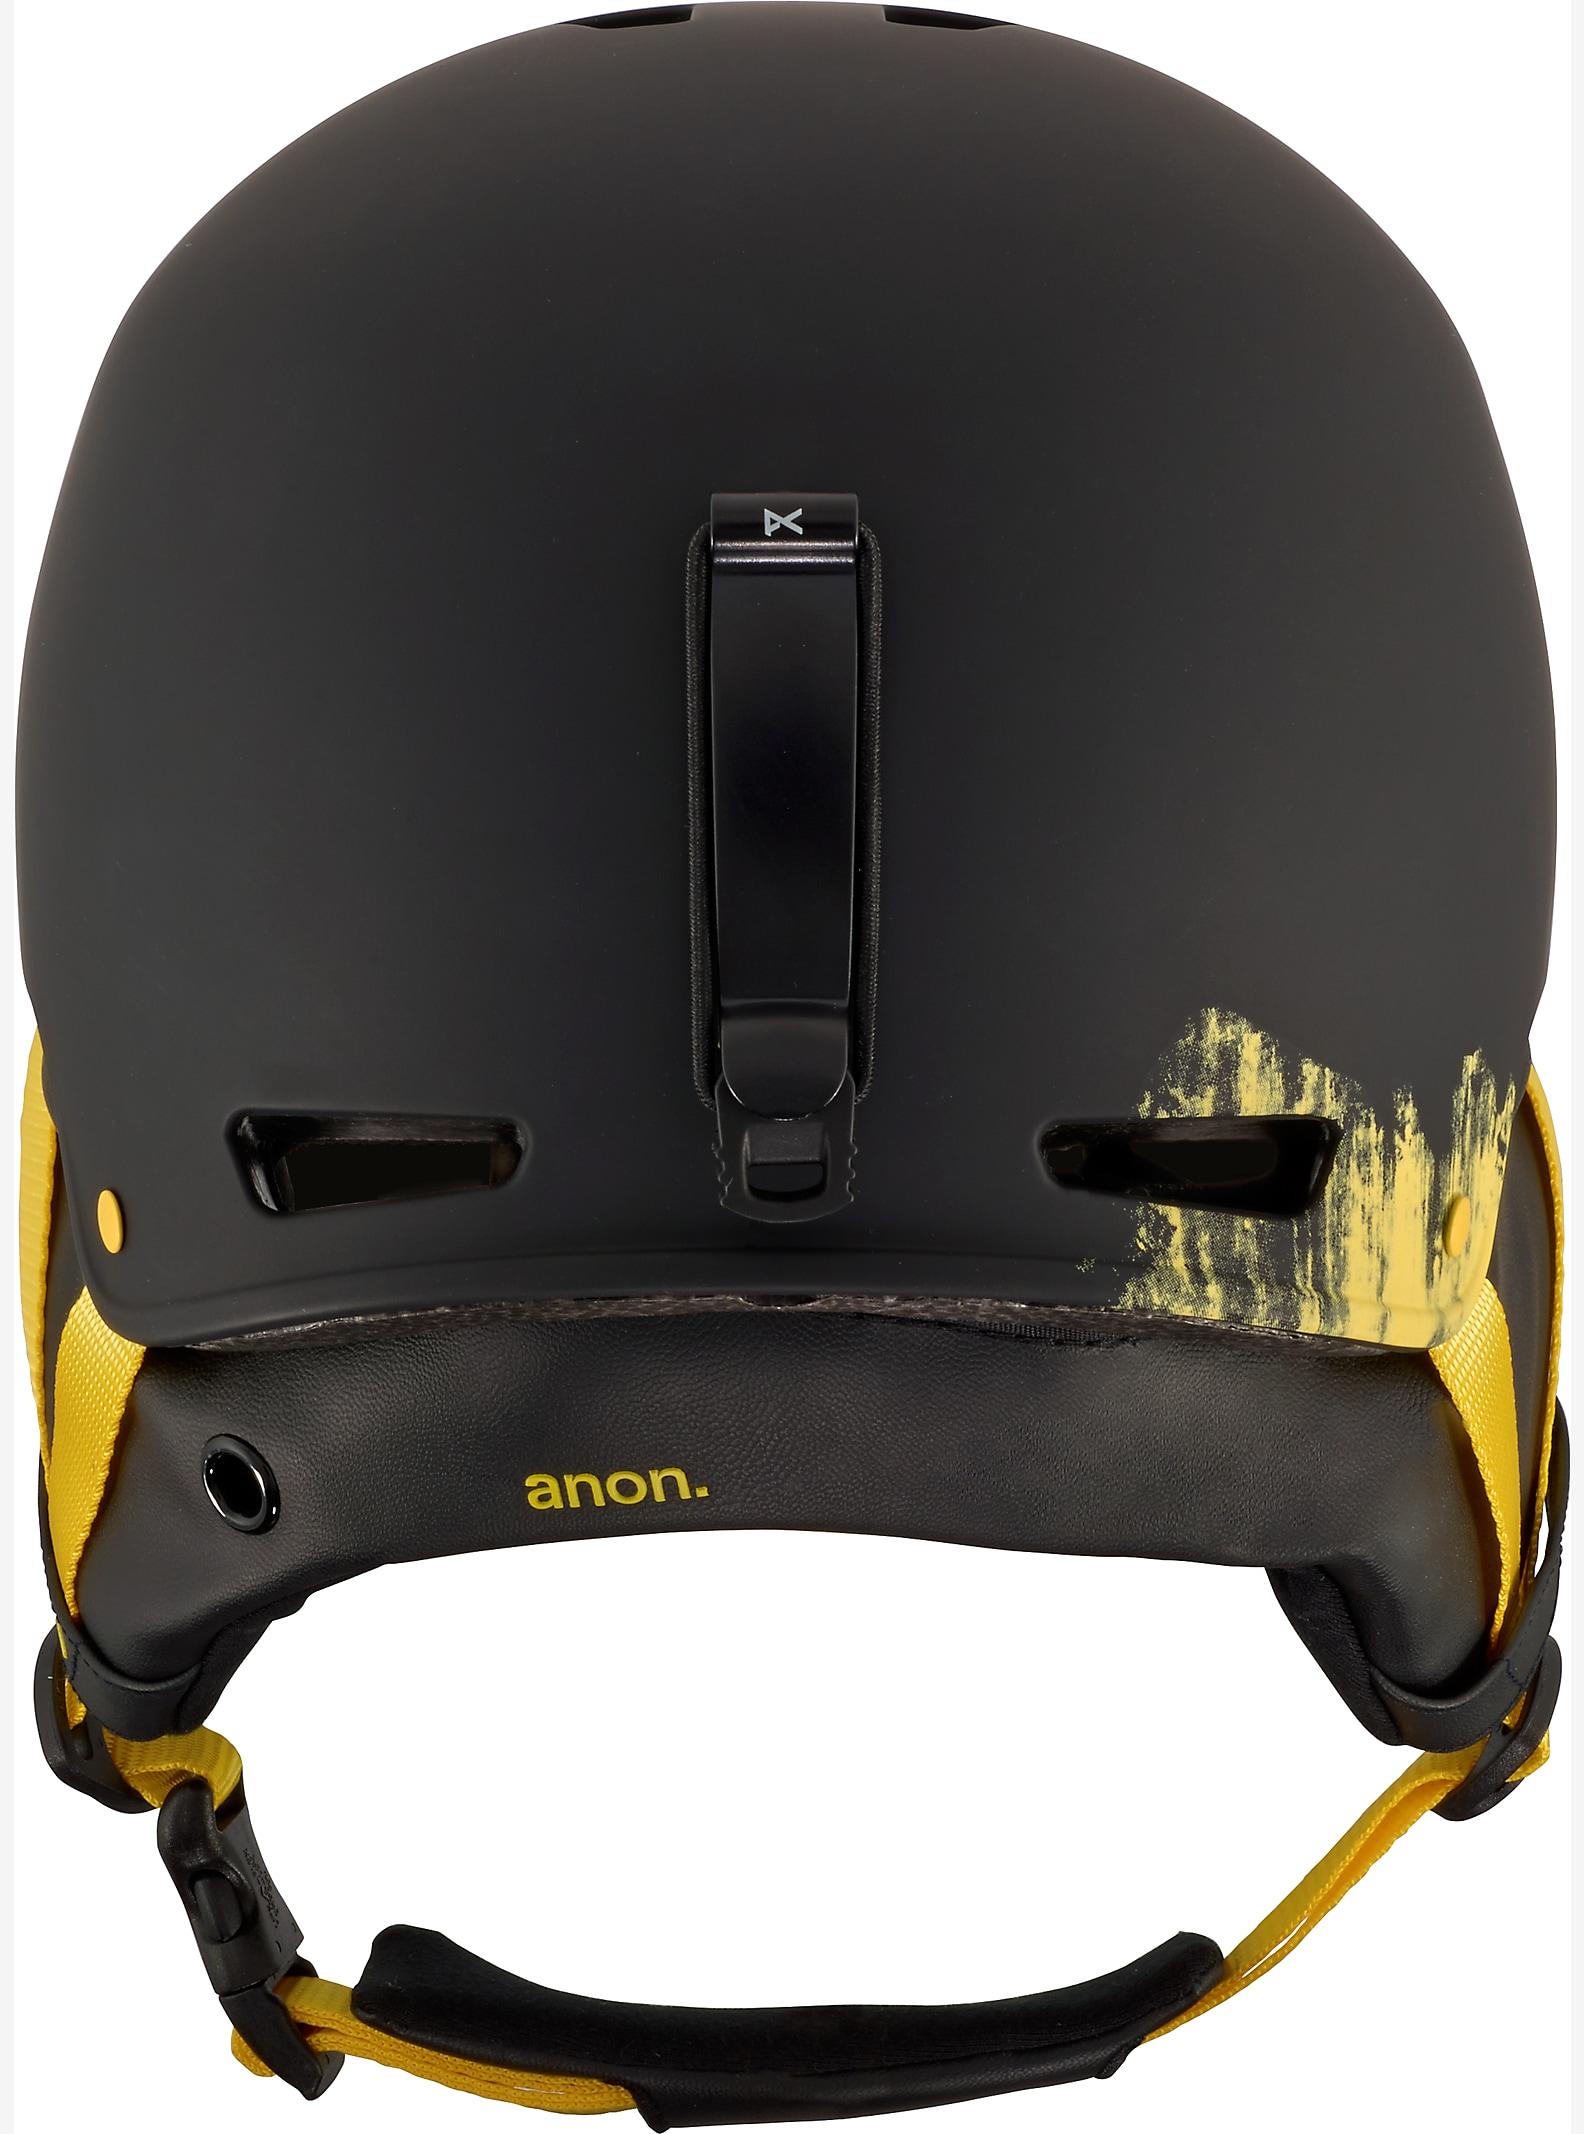 anon. Striker Helmet shown in Grunge Black